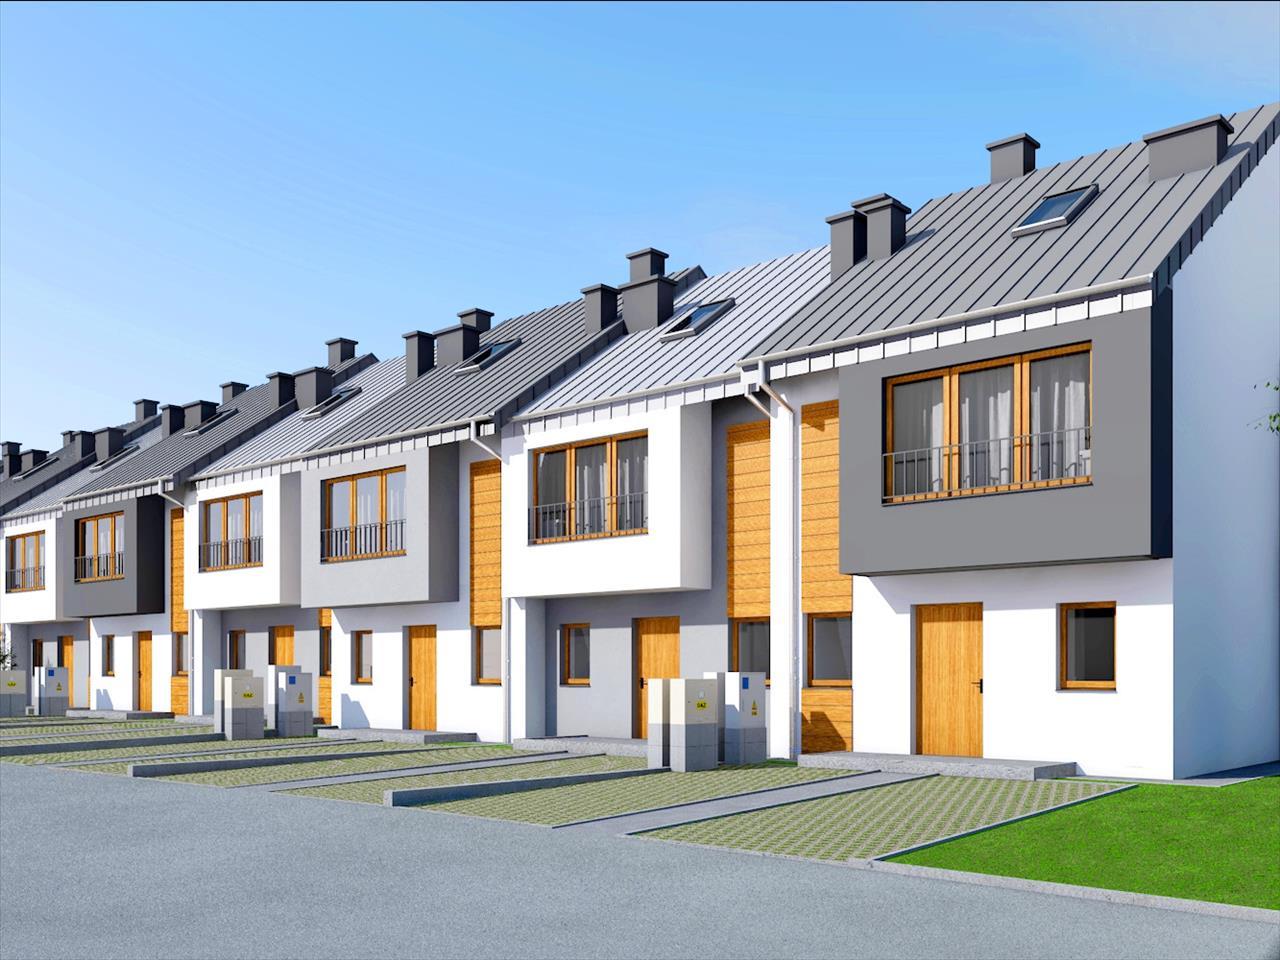 segmenty, domy szeregowe, mieszkanie czy segment